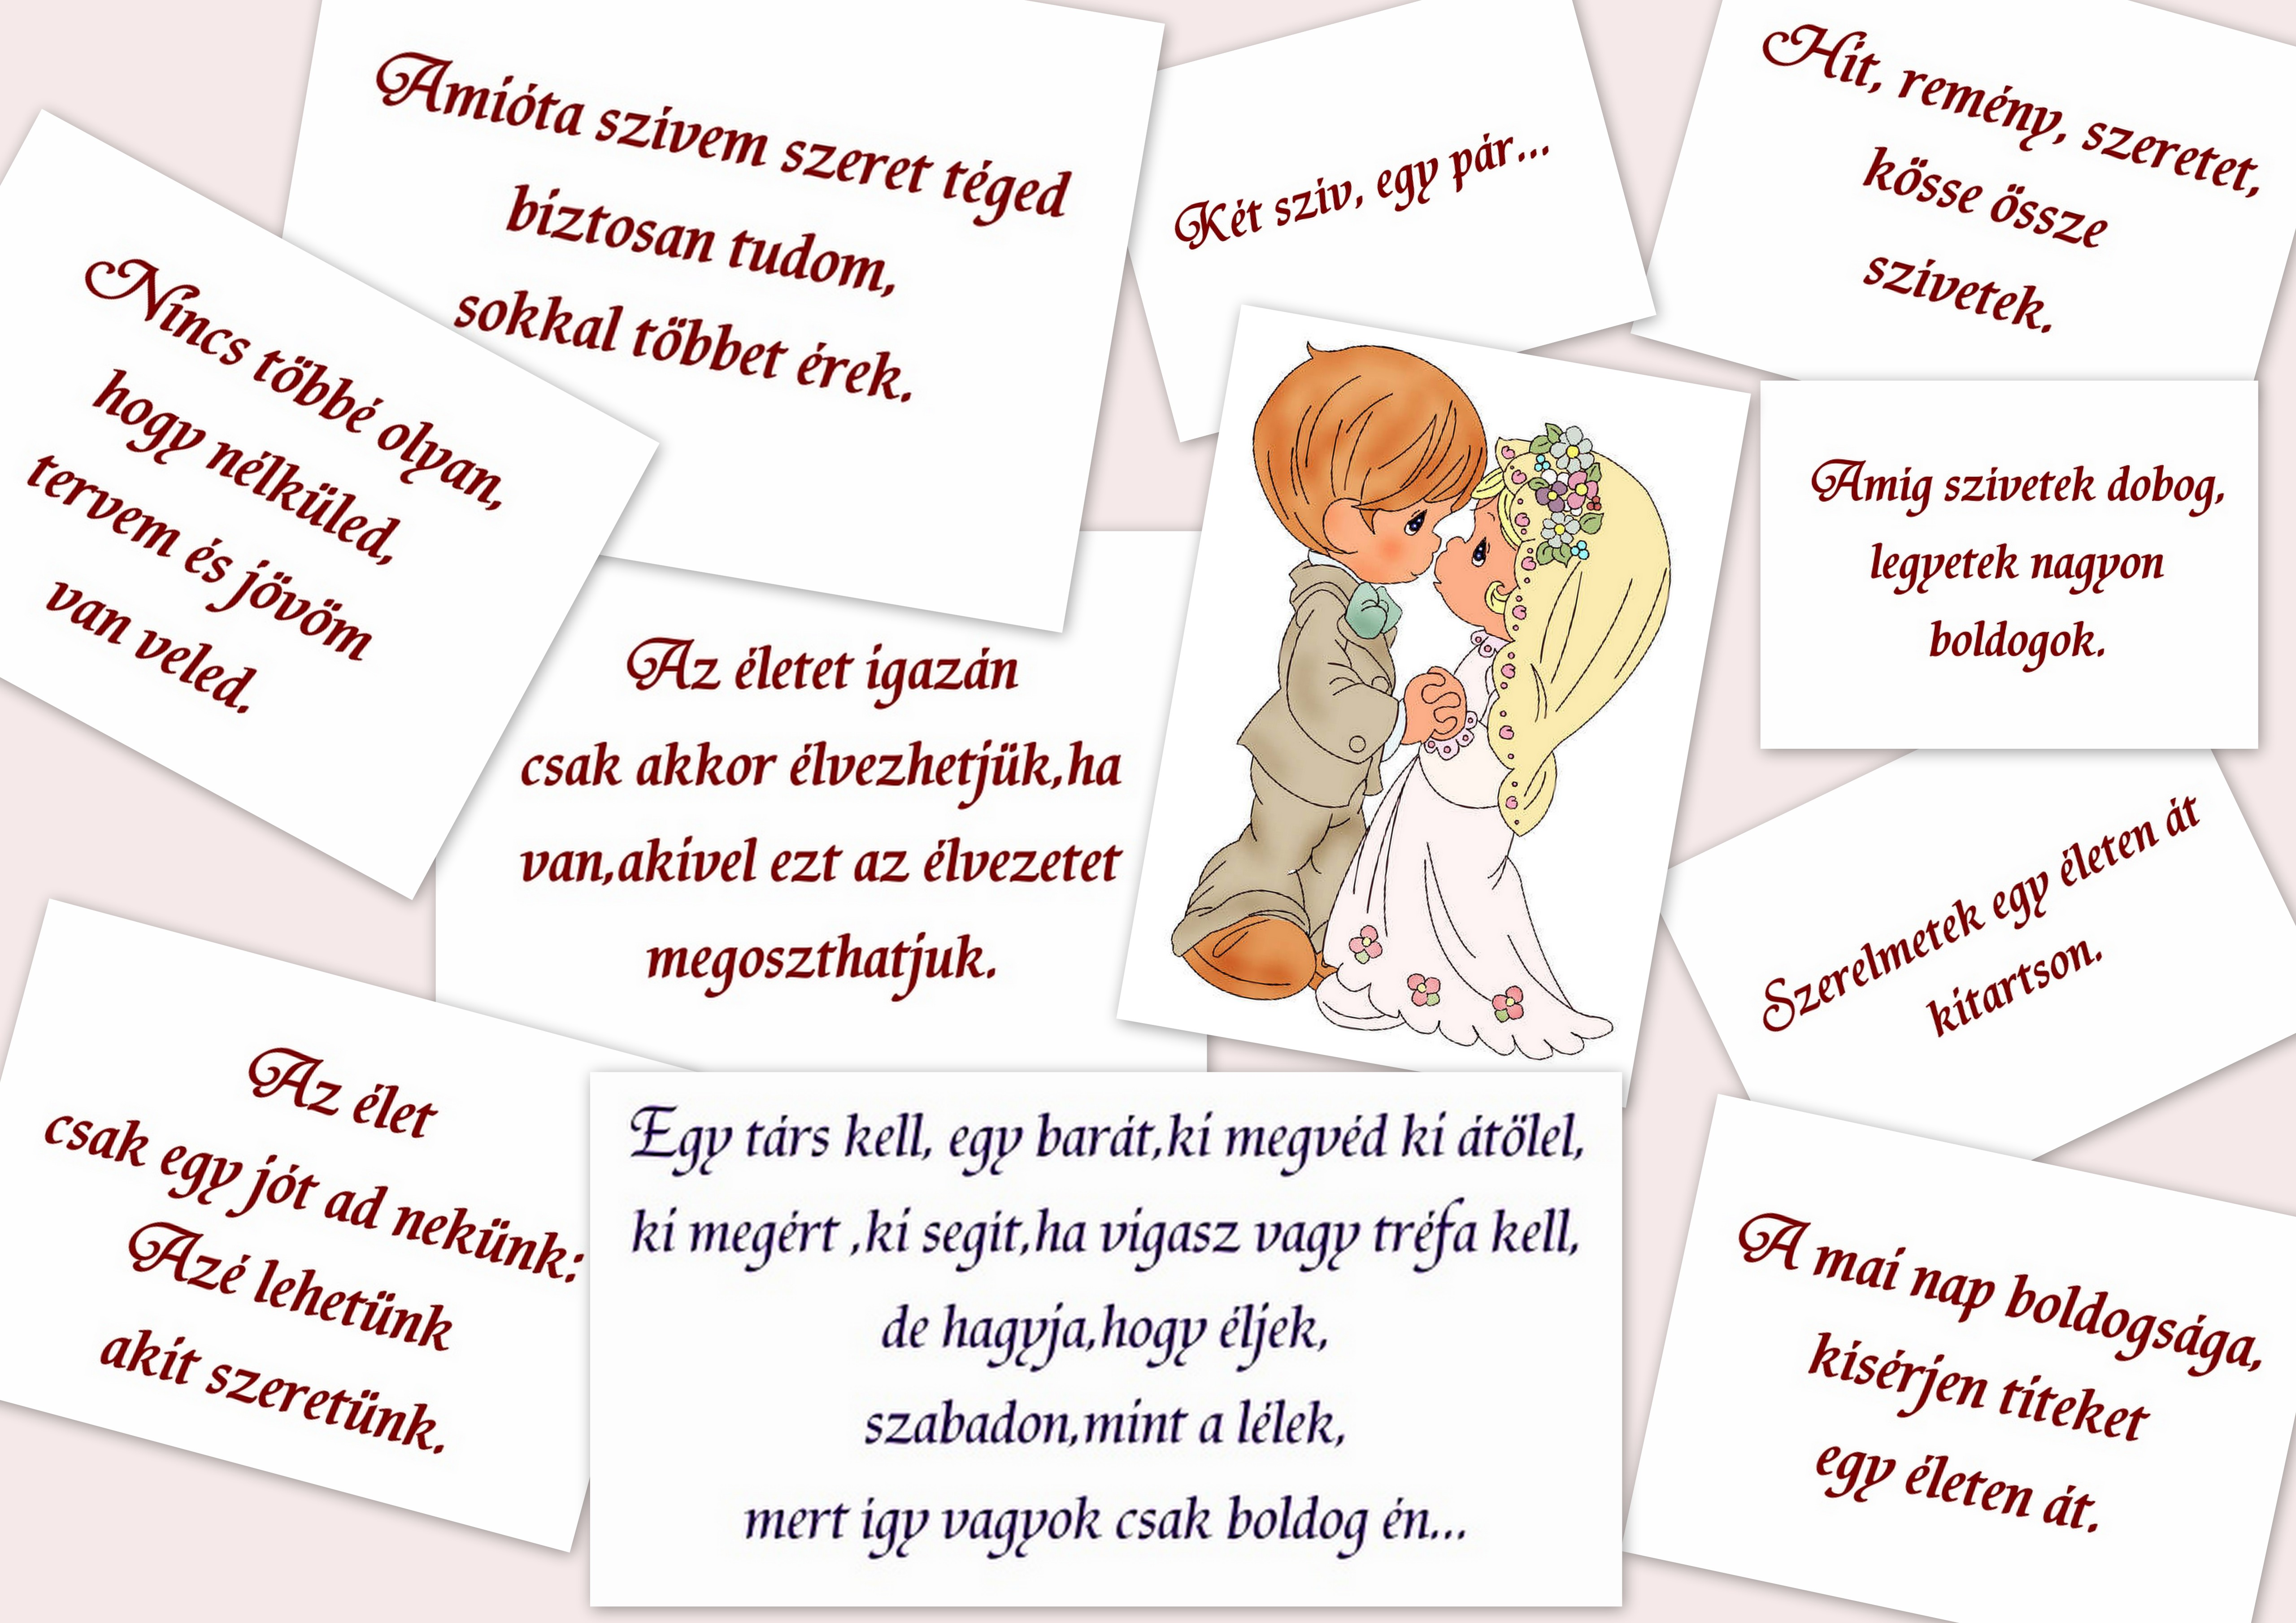 35fac32ba0 Otthon dekor: Esküvő....csak egy kis idézet.... (kép)